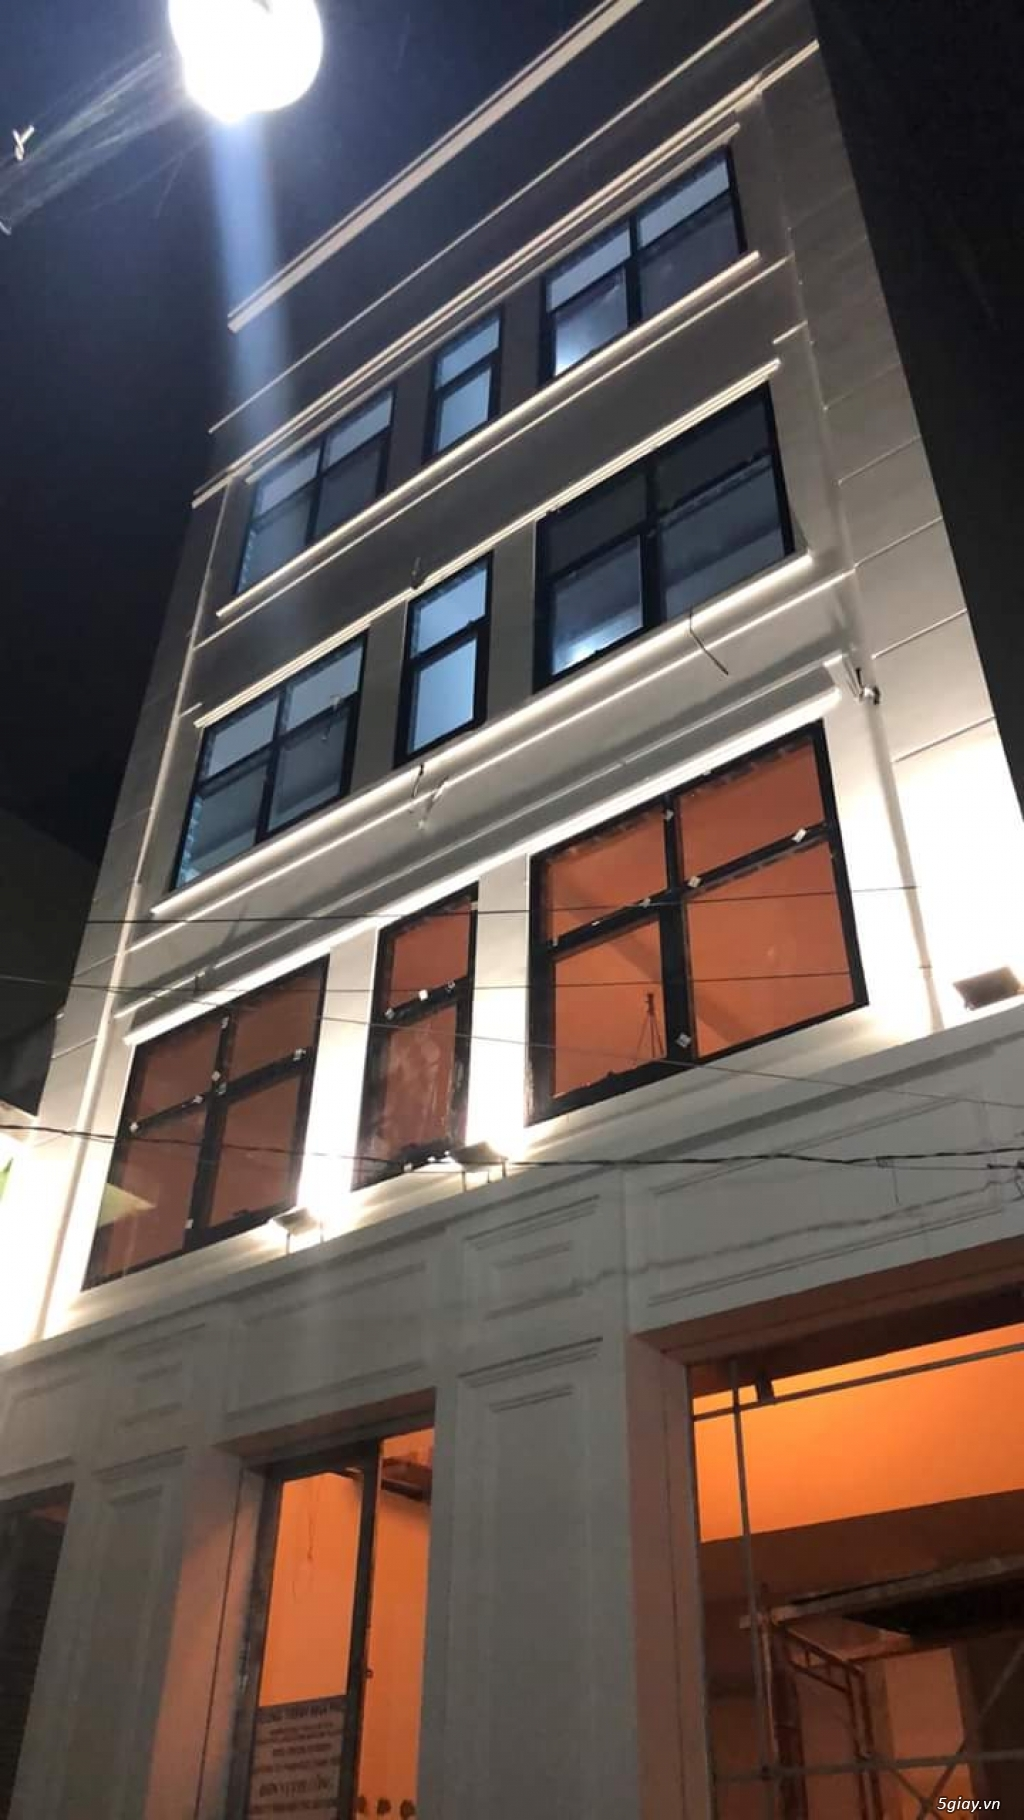 Bán nhà như hình, DT 8x40, nhà kinh doanh trọ, có 48 phòng, giá 5 tỷ - 1